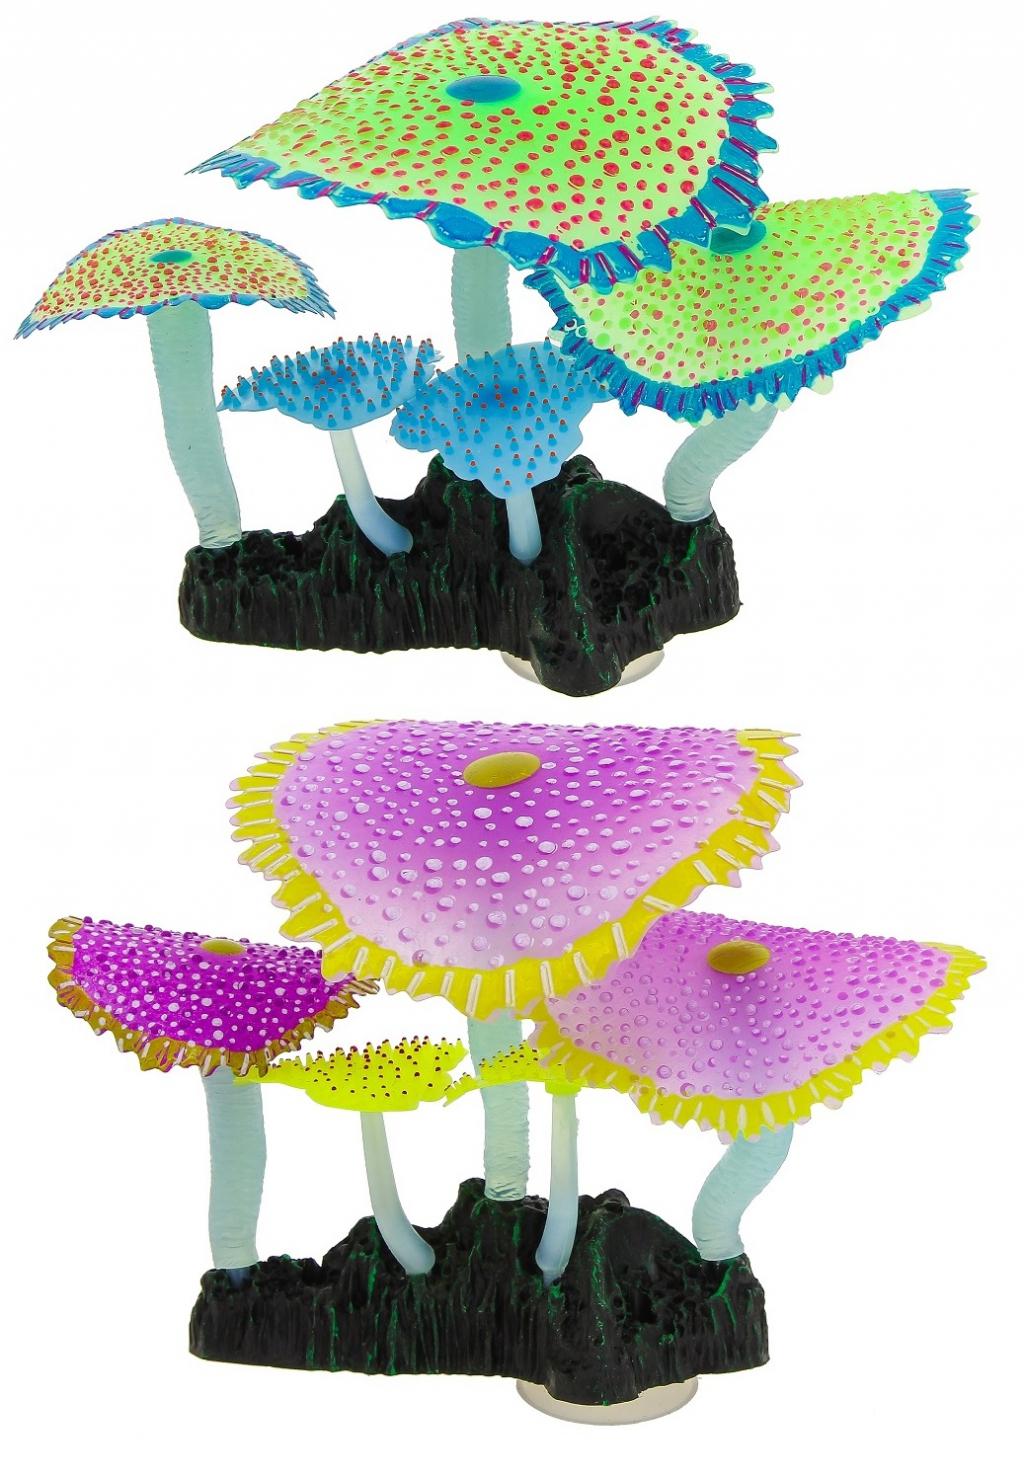 Глокси Флуоресцентная аквариумная декорация Кораллы зонтничные, 14*6,5*12 см, в ассортименте, Gloxy